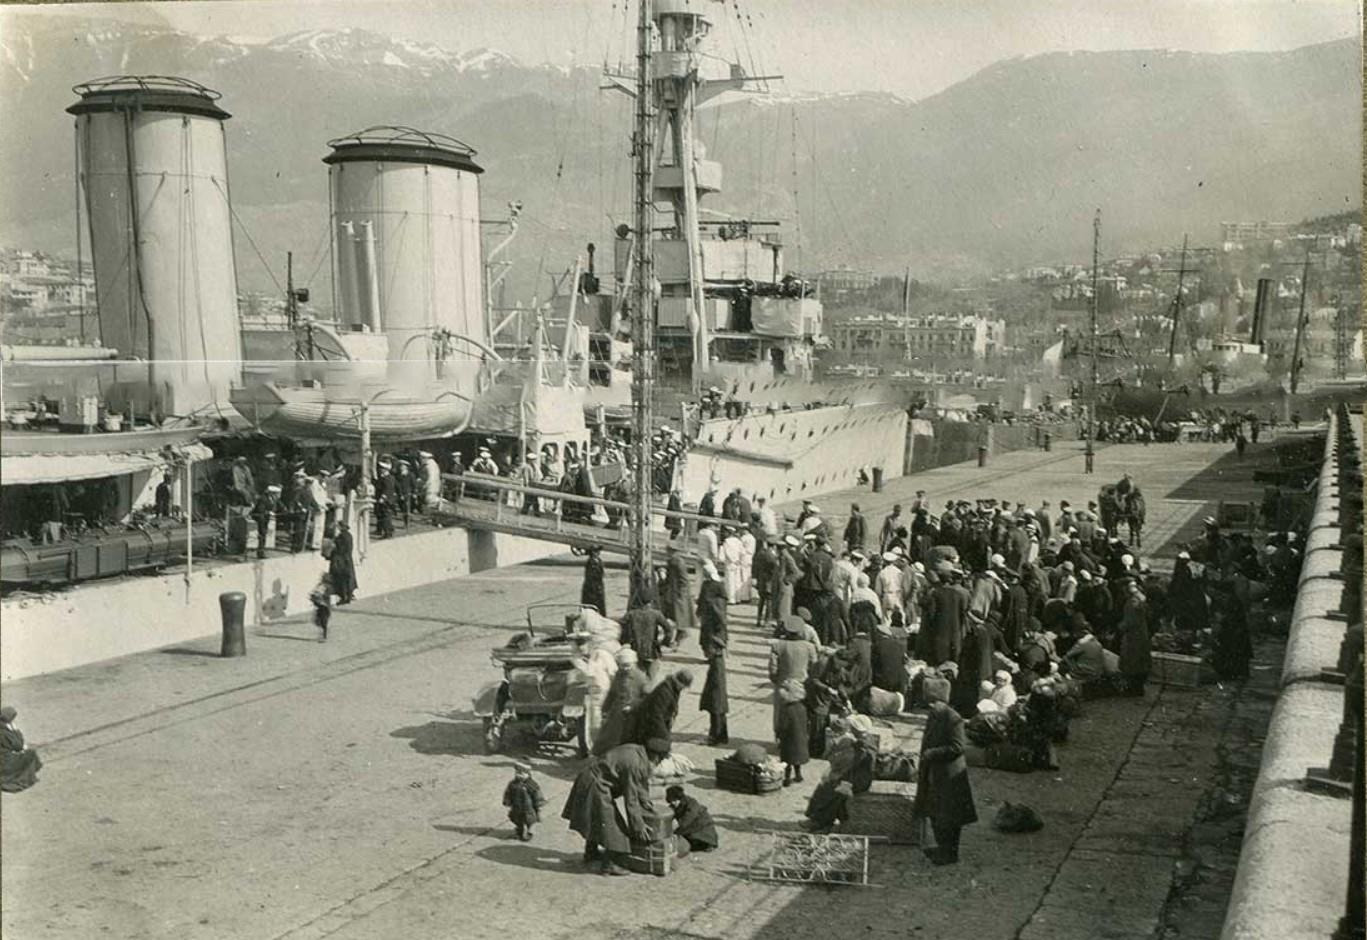 Ялта. Русские беженцы из Сочи сходят на берег с борта крейсера 'Калипсо' в Ялте.